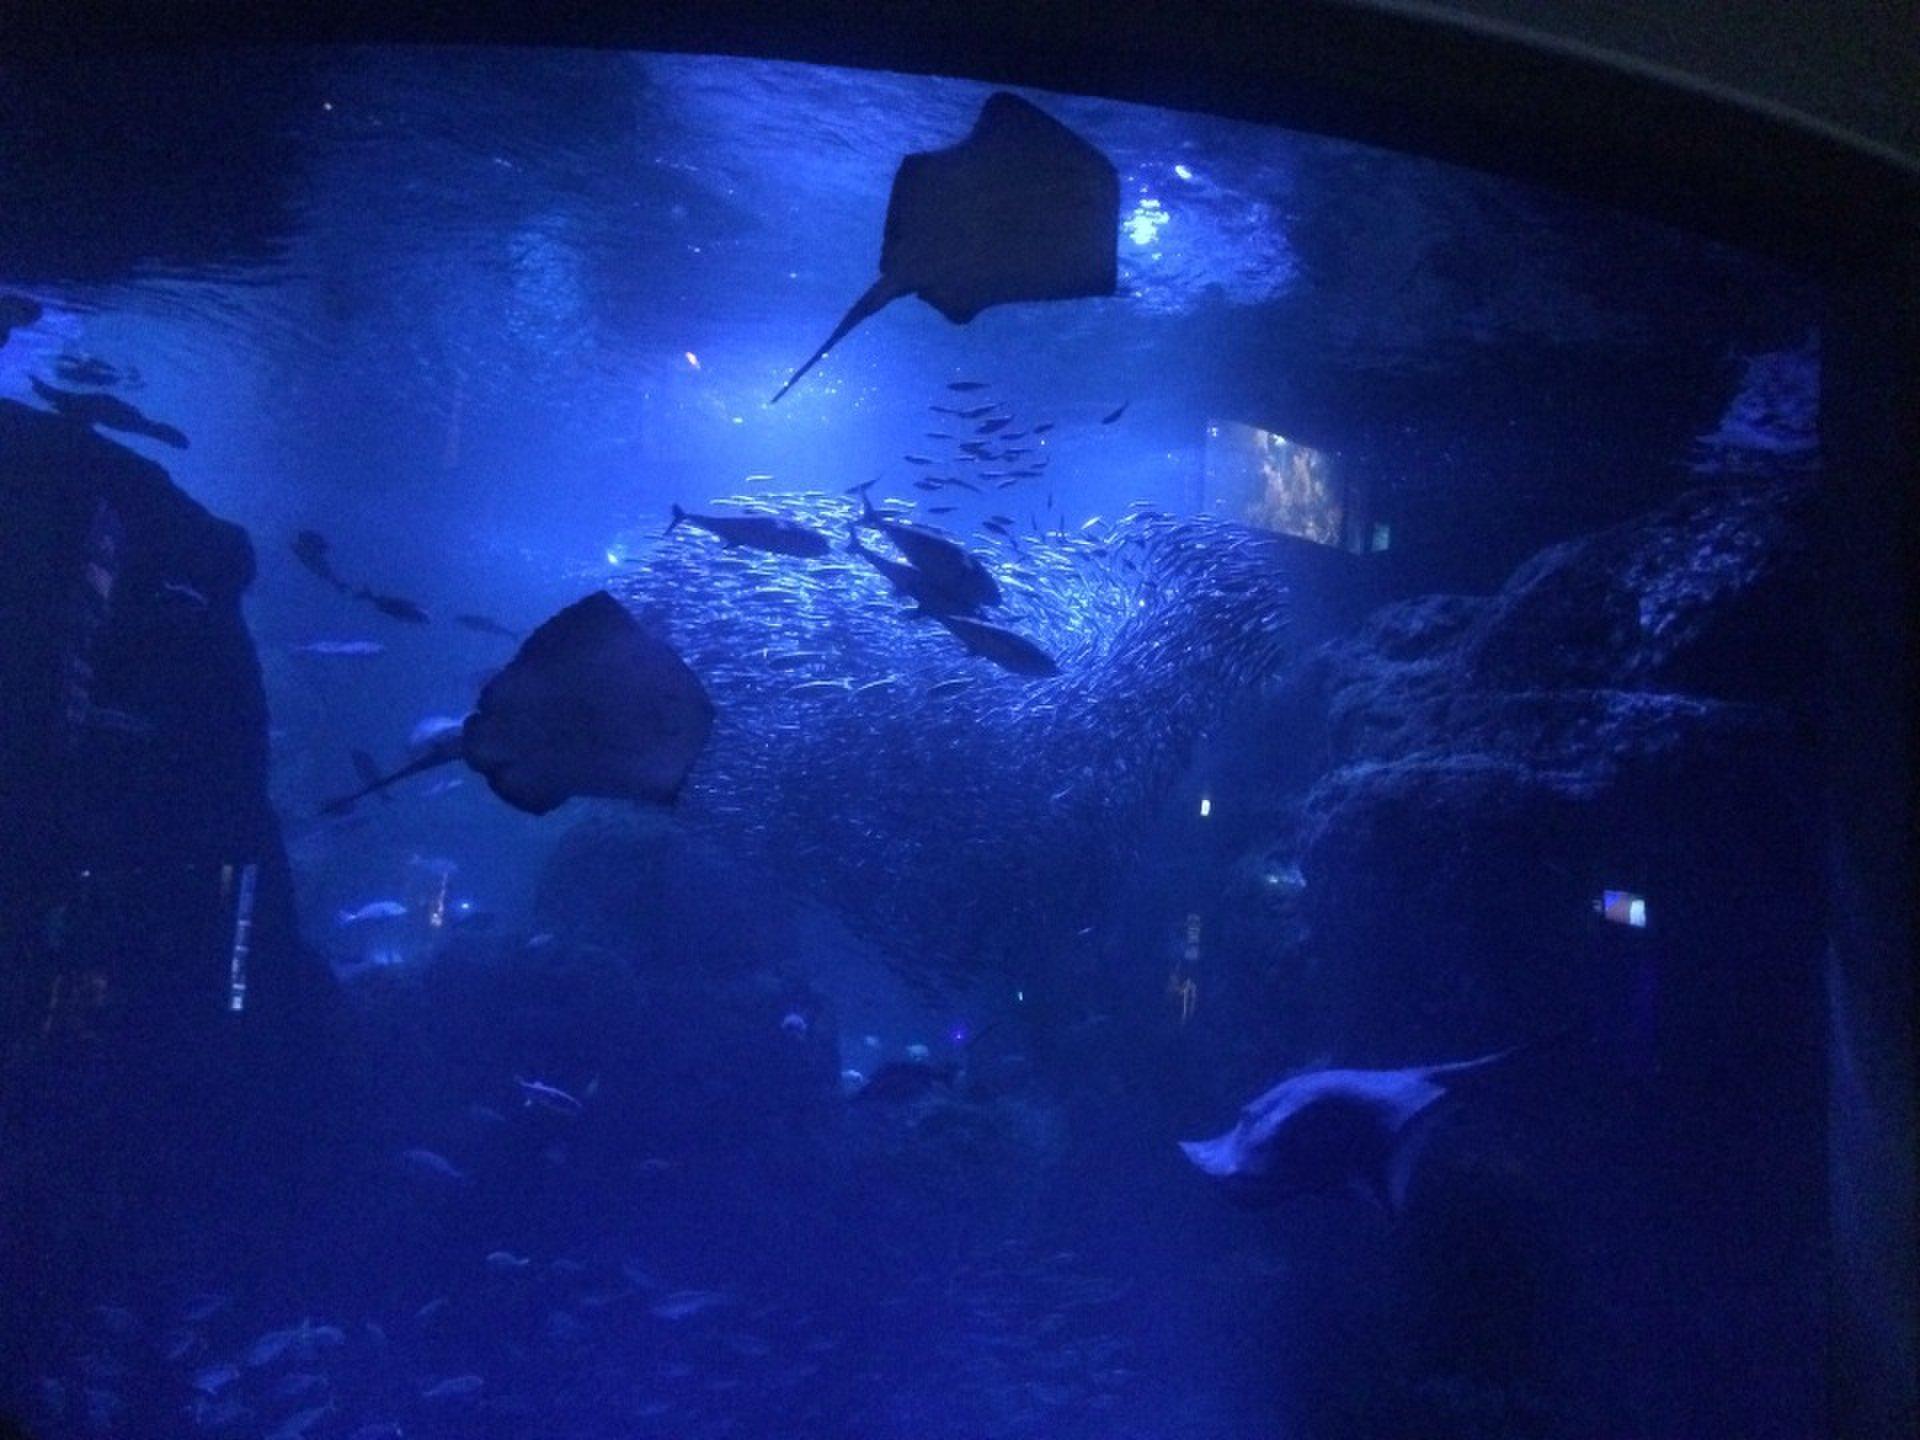 夕方からの江ノ島おすすめデートプラン!『新江ノ島水族館』のナイトアクアリウムへ!